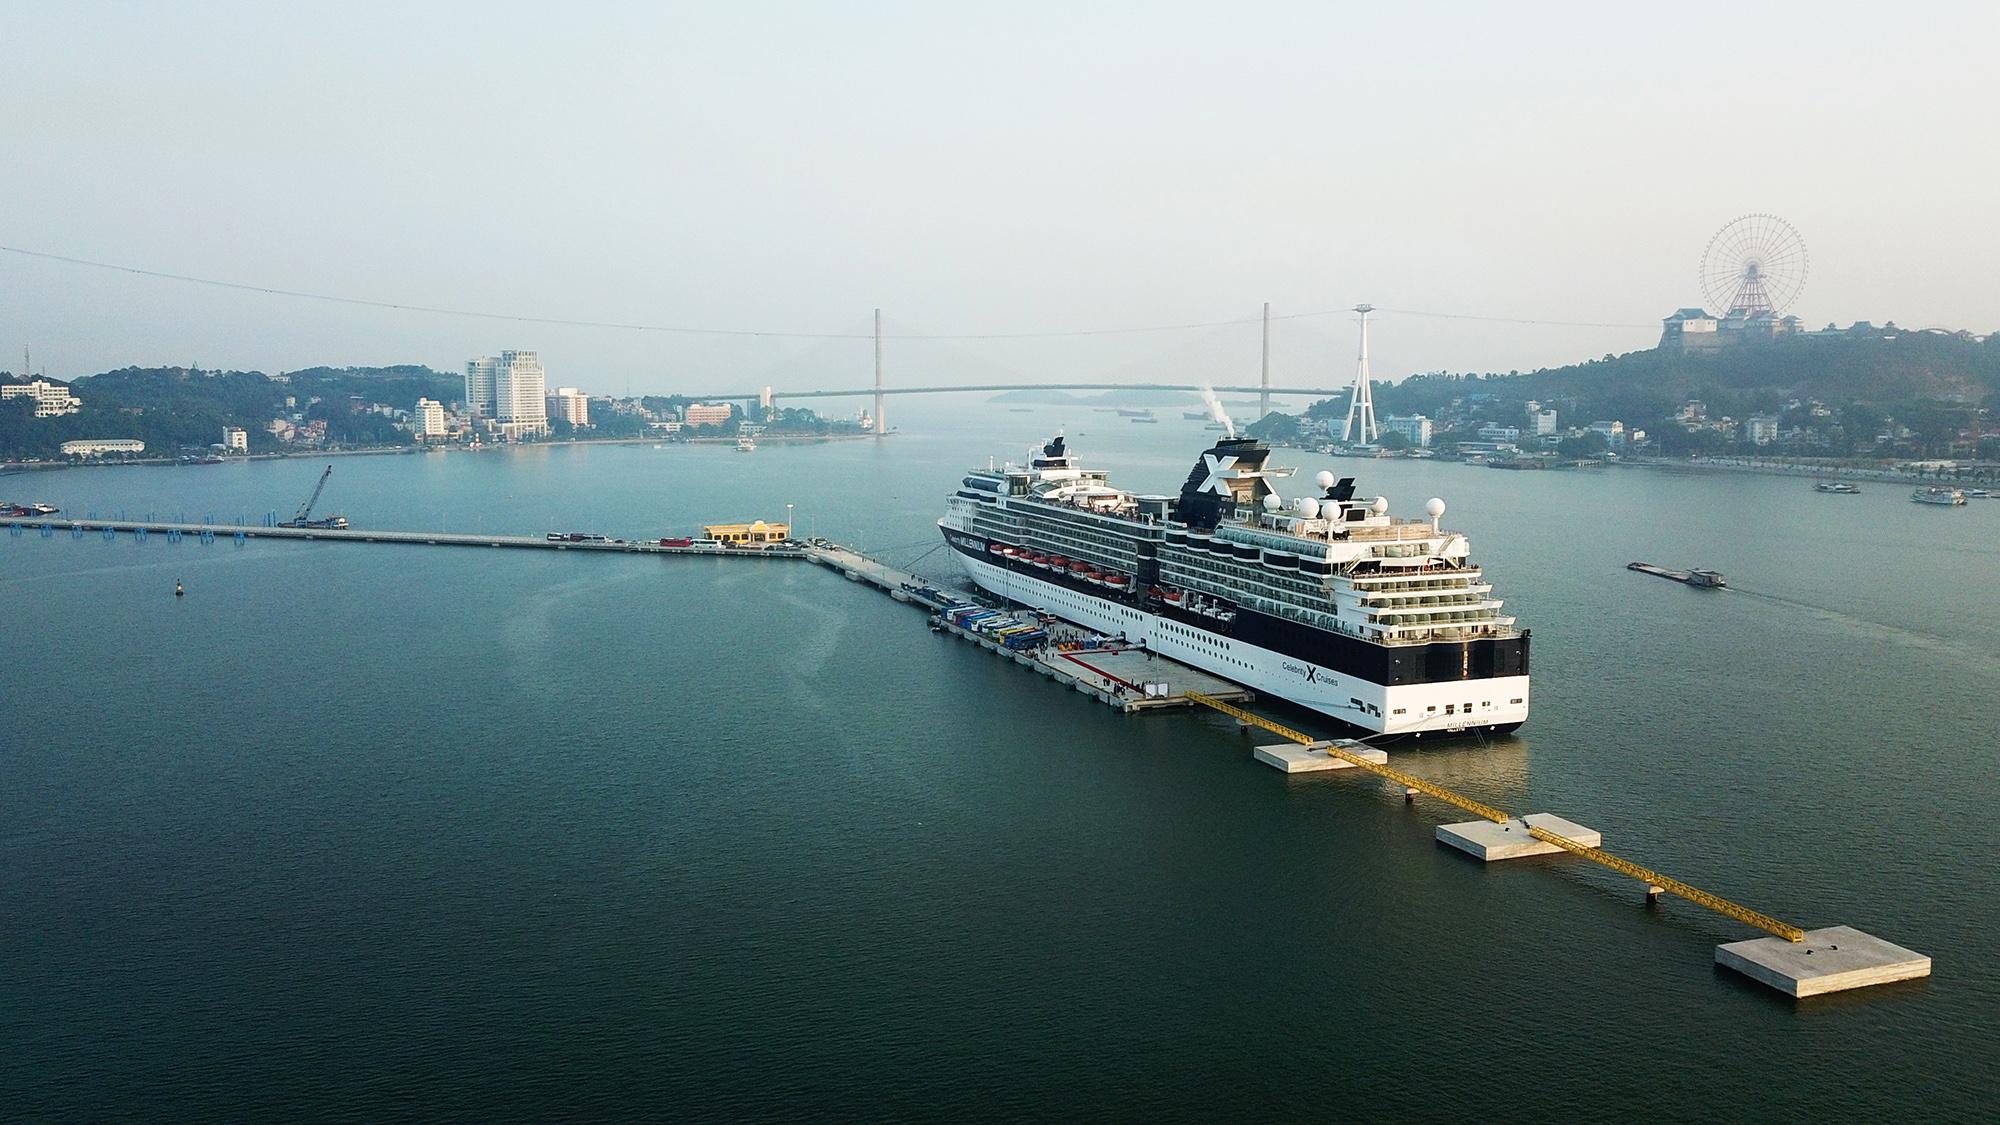 Kể từ khi đi vào hoạt động, cảng tàu khách Hạ Long thu hút đông đảo dòng khách quốc tế sang trọng đến với thành phố di sản